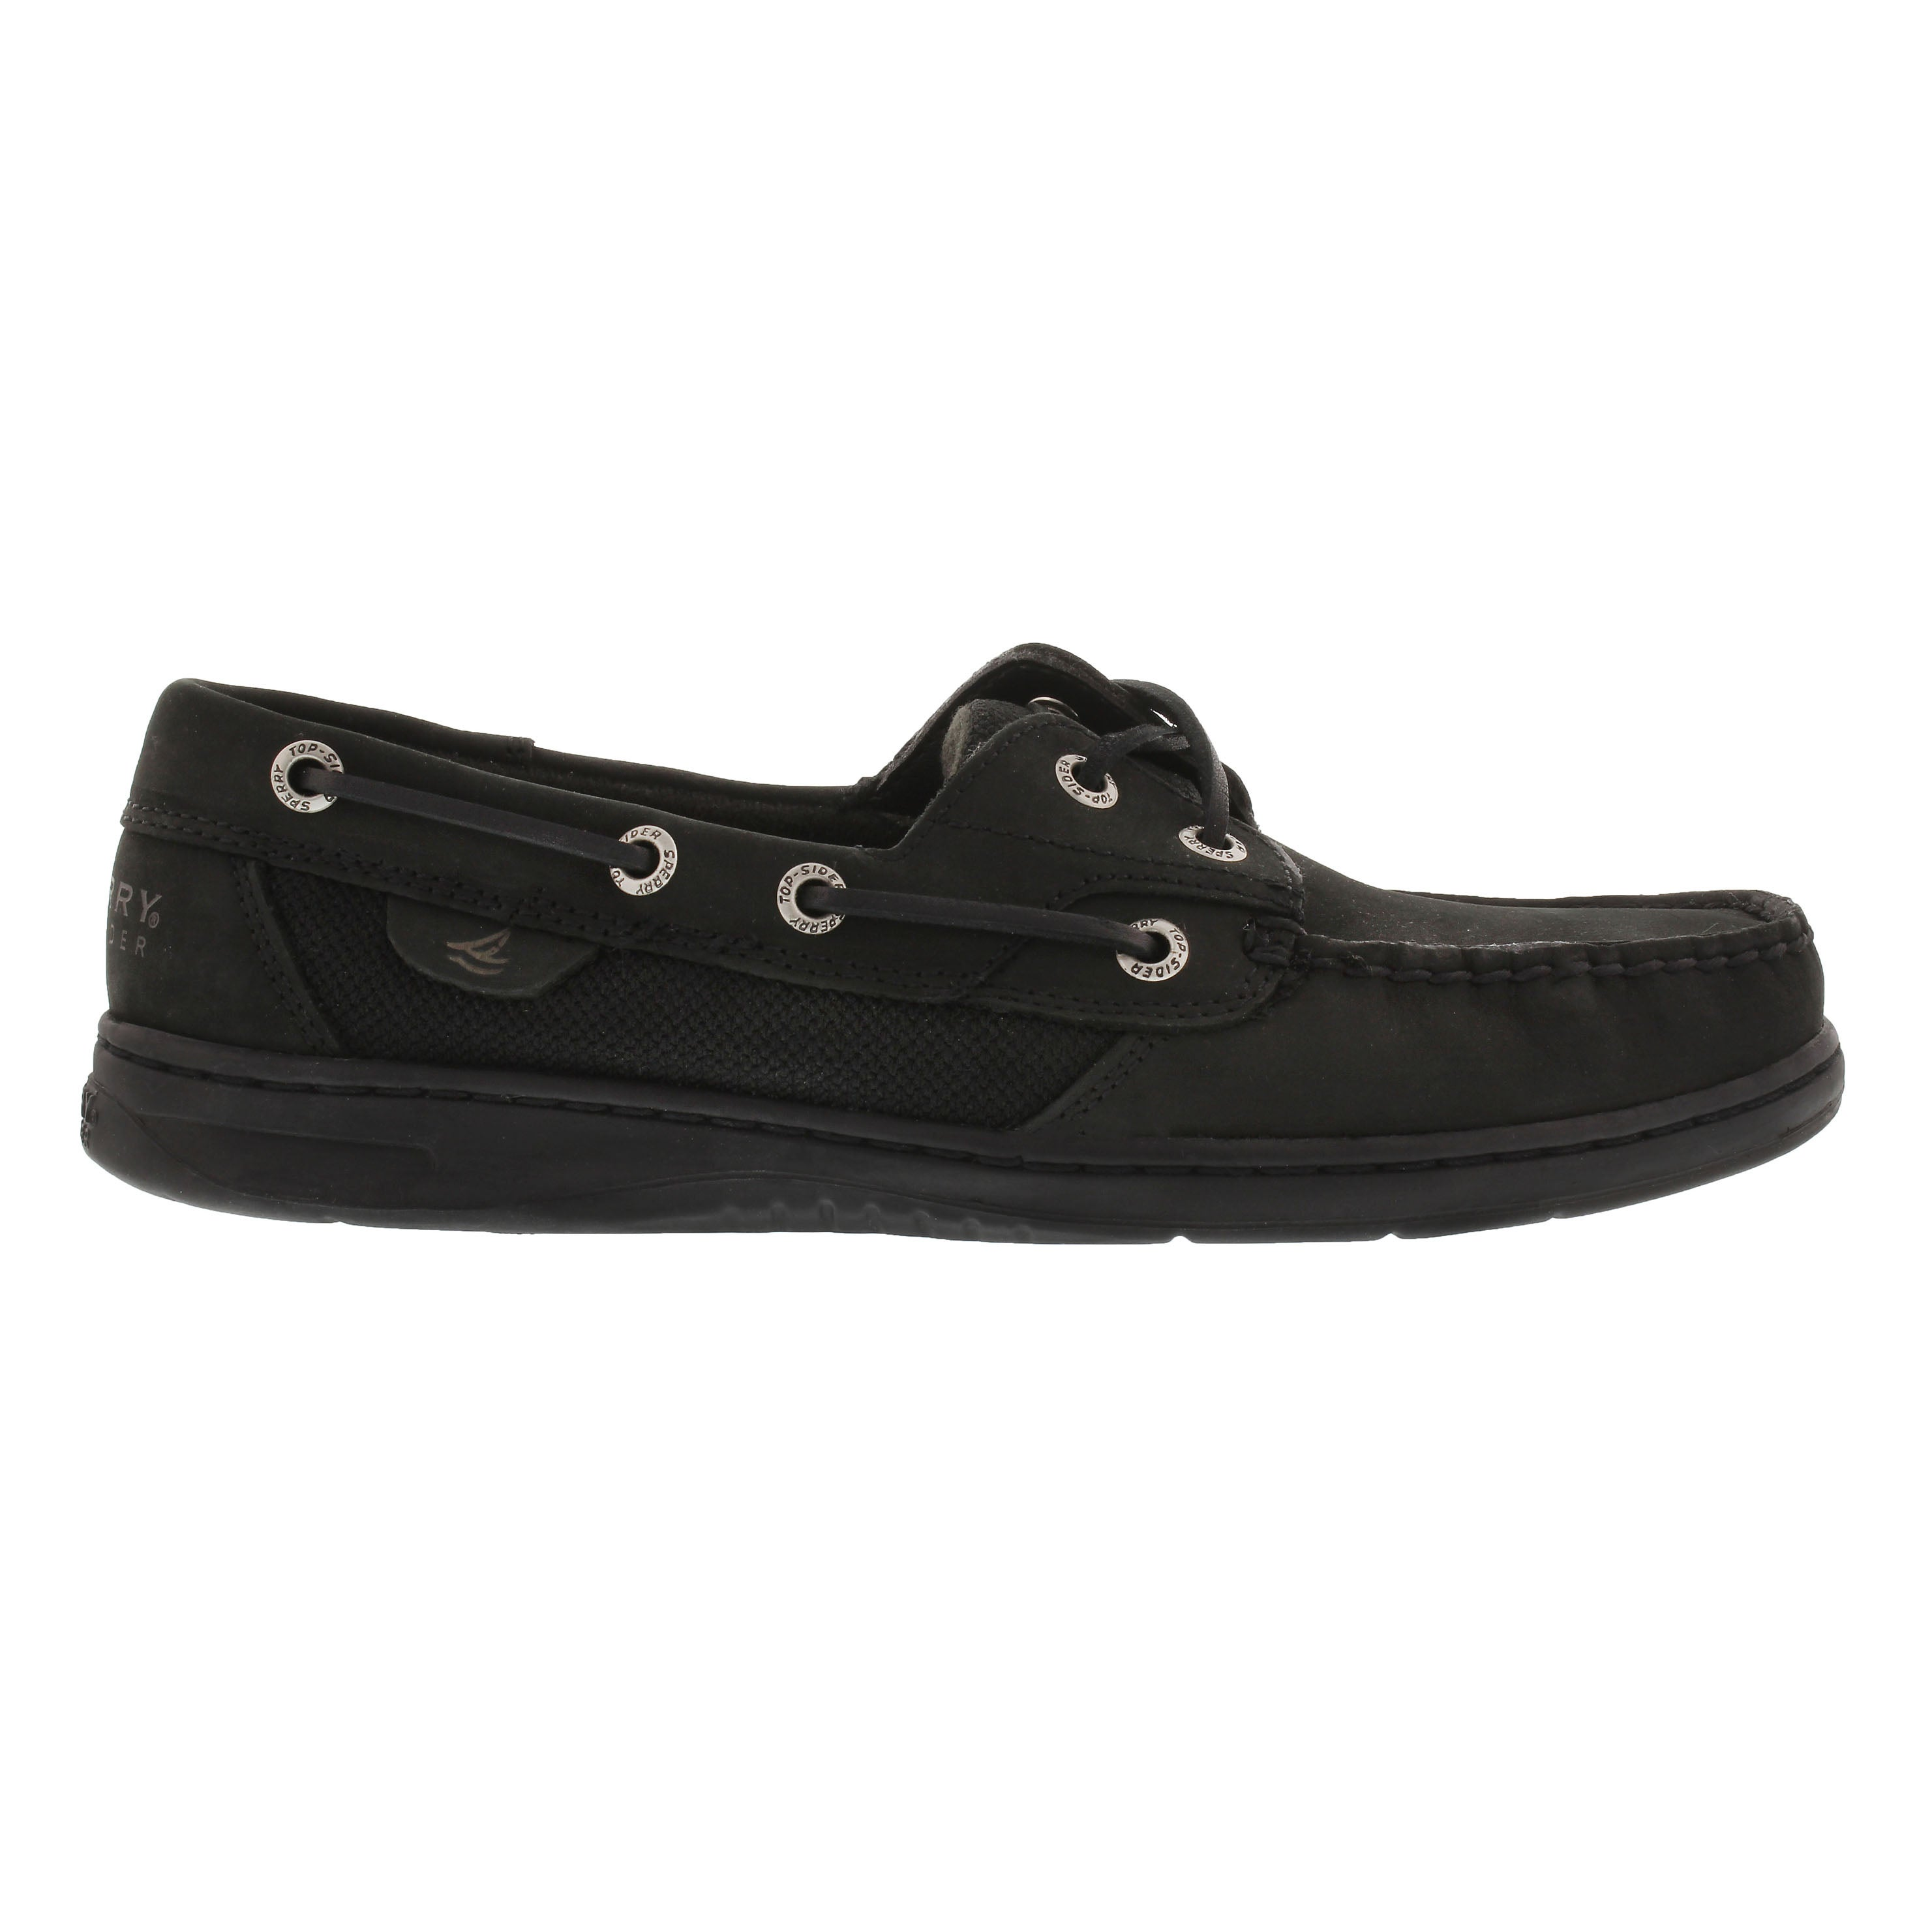 Lds Bluefish 2-eye black boat shoe